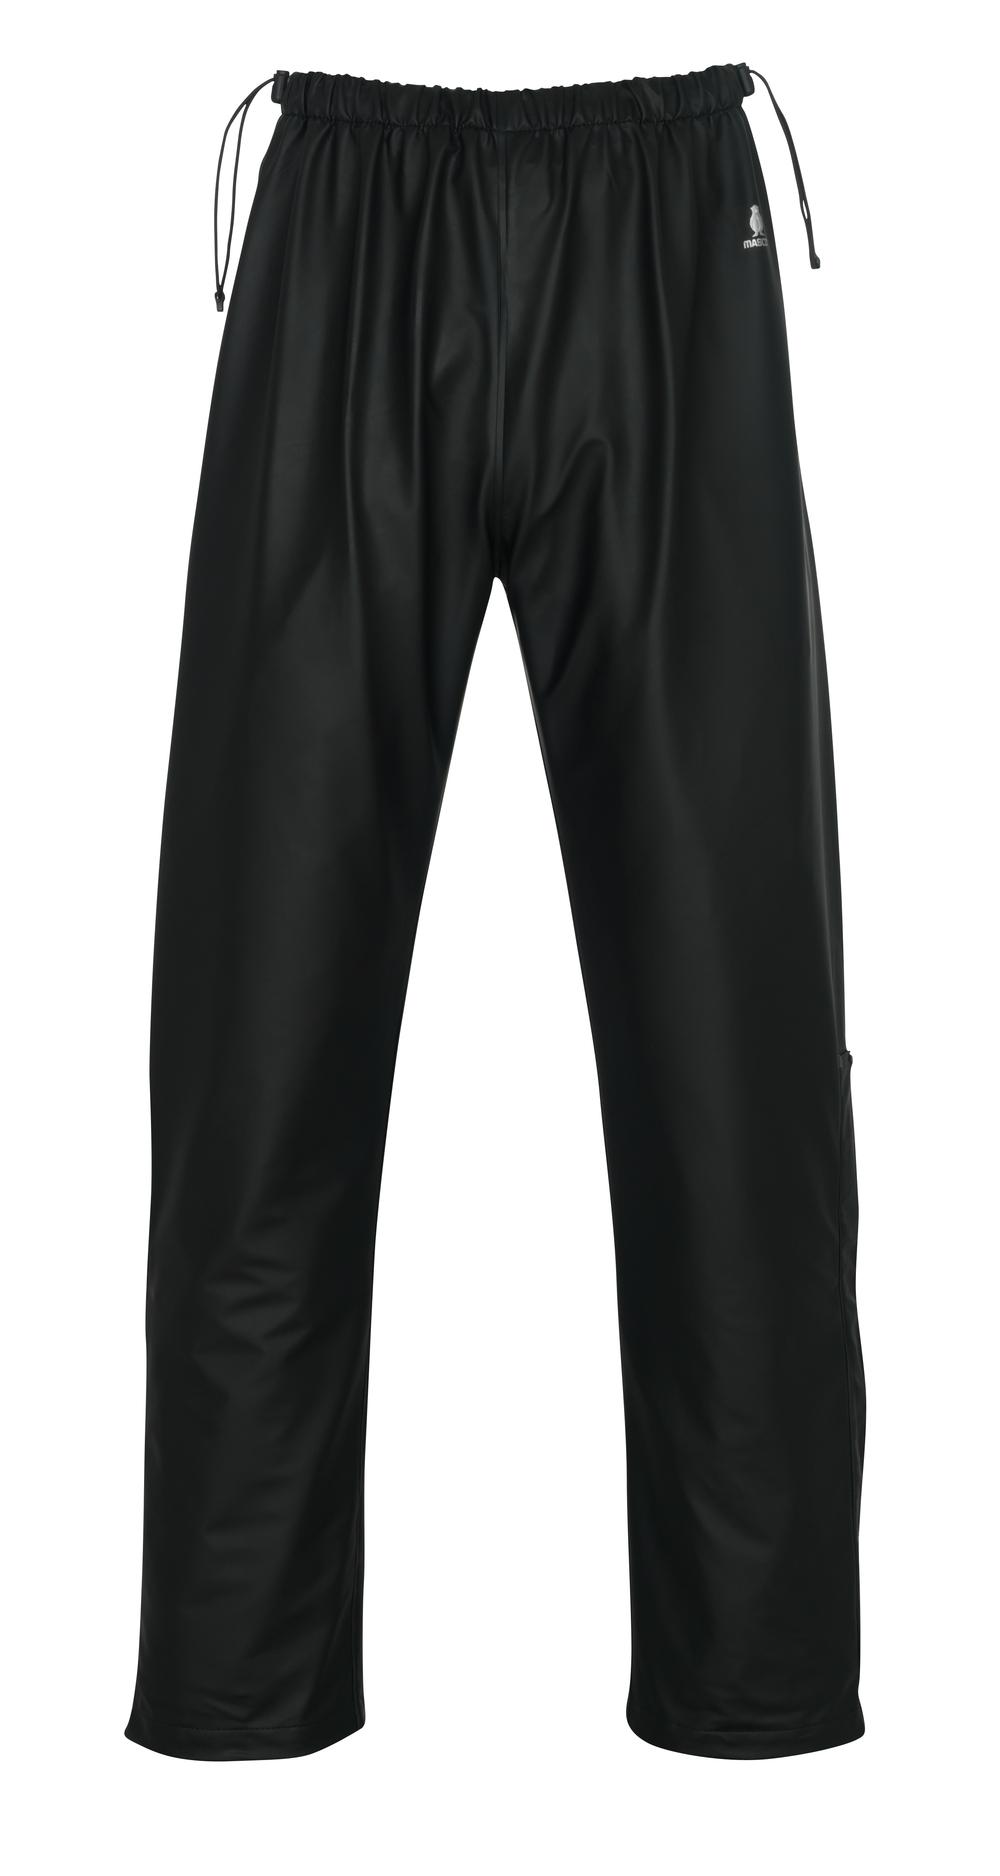 50203-859-09 Pantaloni antipioggia - nero